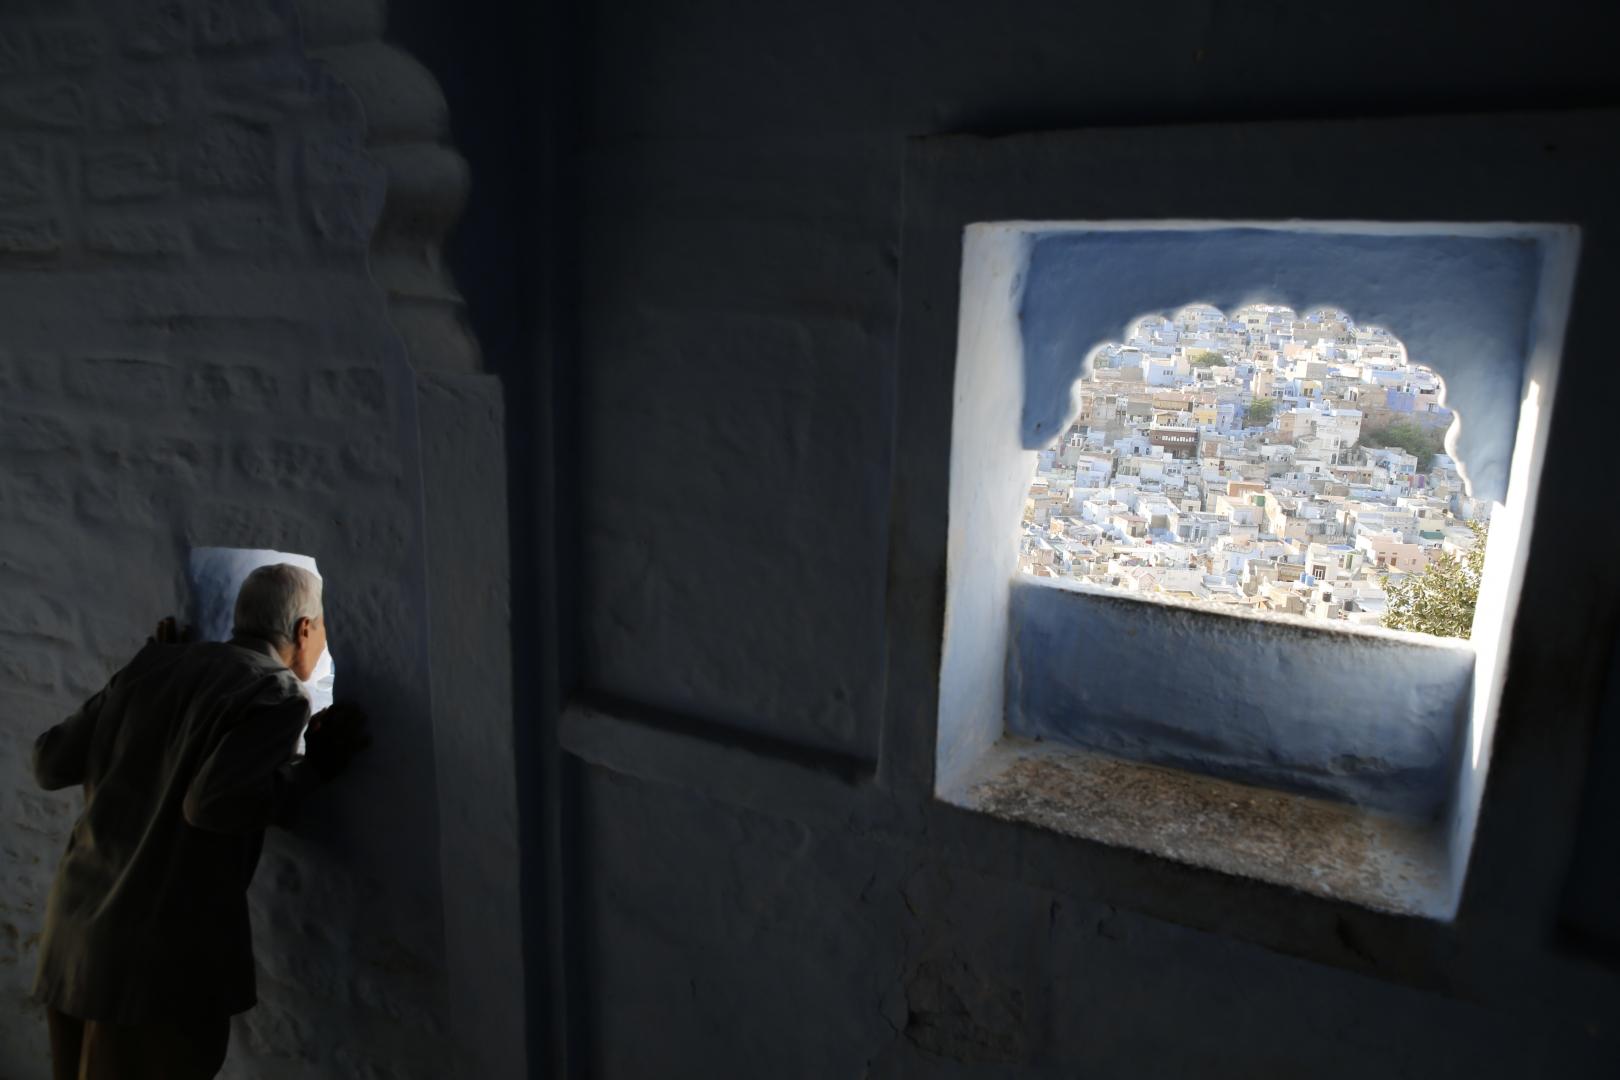 Мужчина смотрит на город через стену в крепости Мерангар. Это самая высокая точка города, расположенная на высоте 125 метров